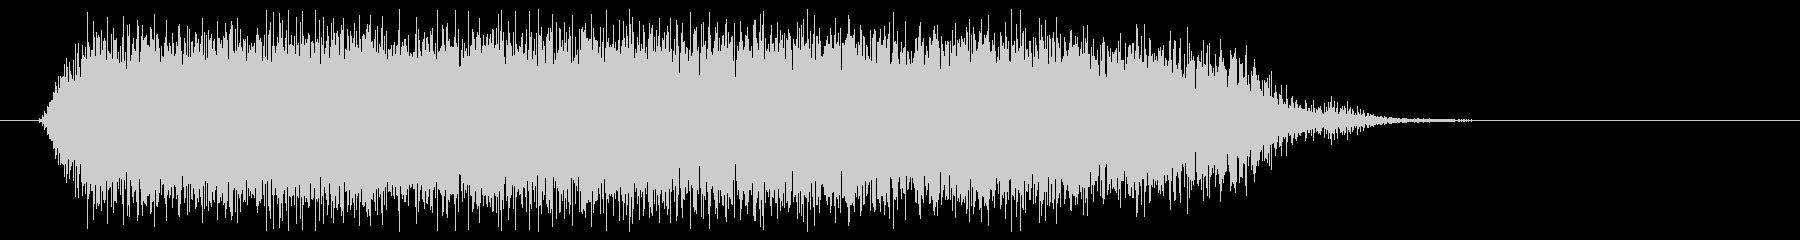 「ヴァ゙ァ゙ァ゙ー」モンスター叫び声/2の未再生の波形